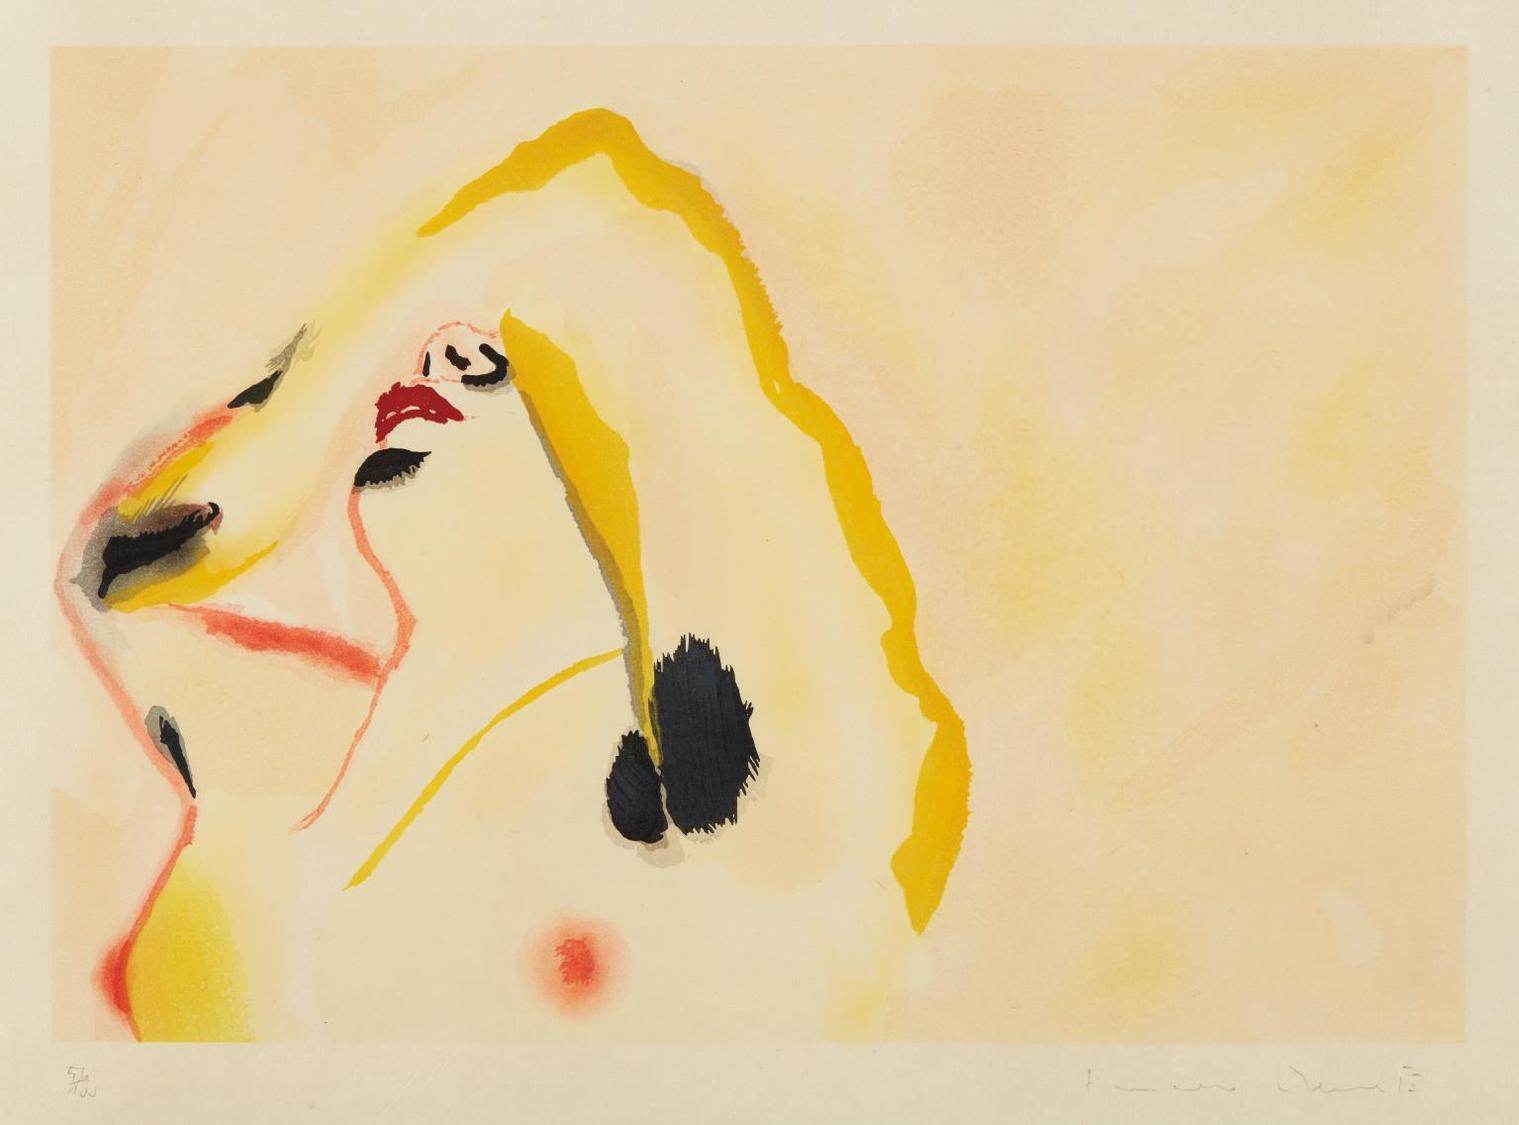 Francesco Clemente-Morning-1982